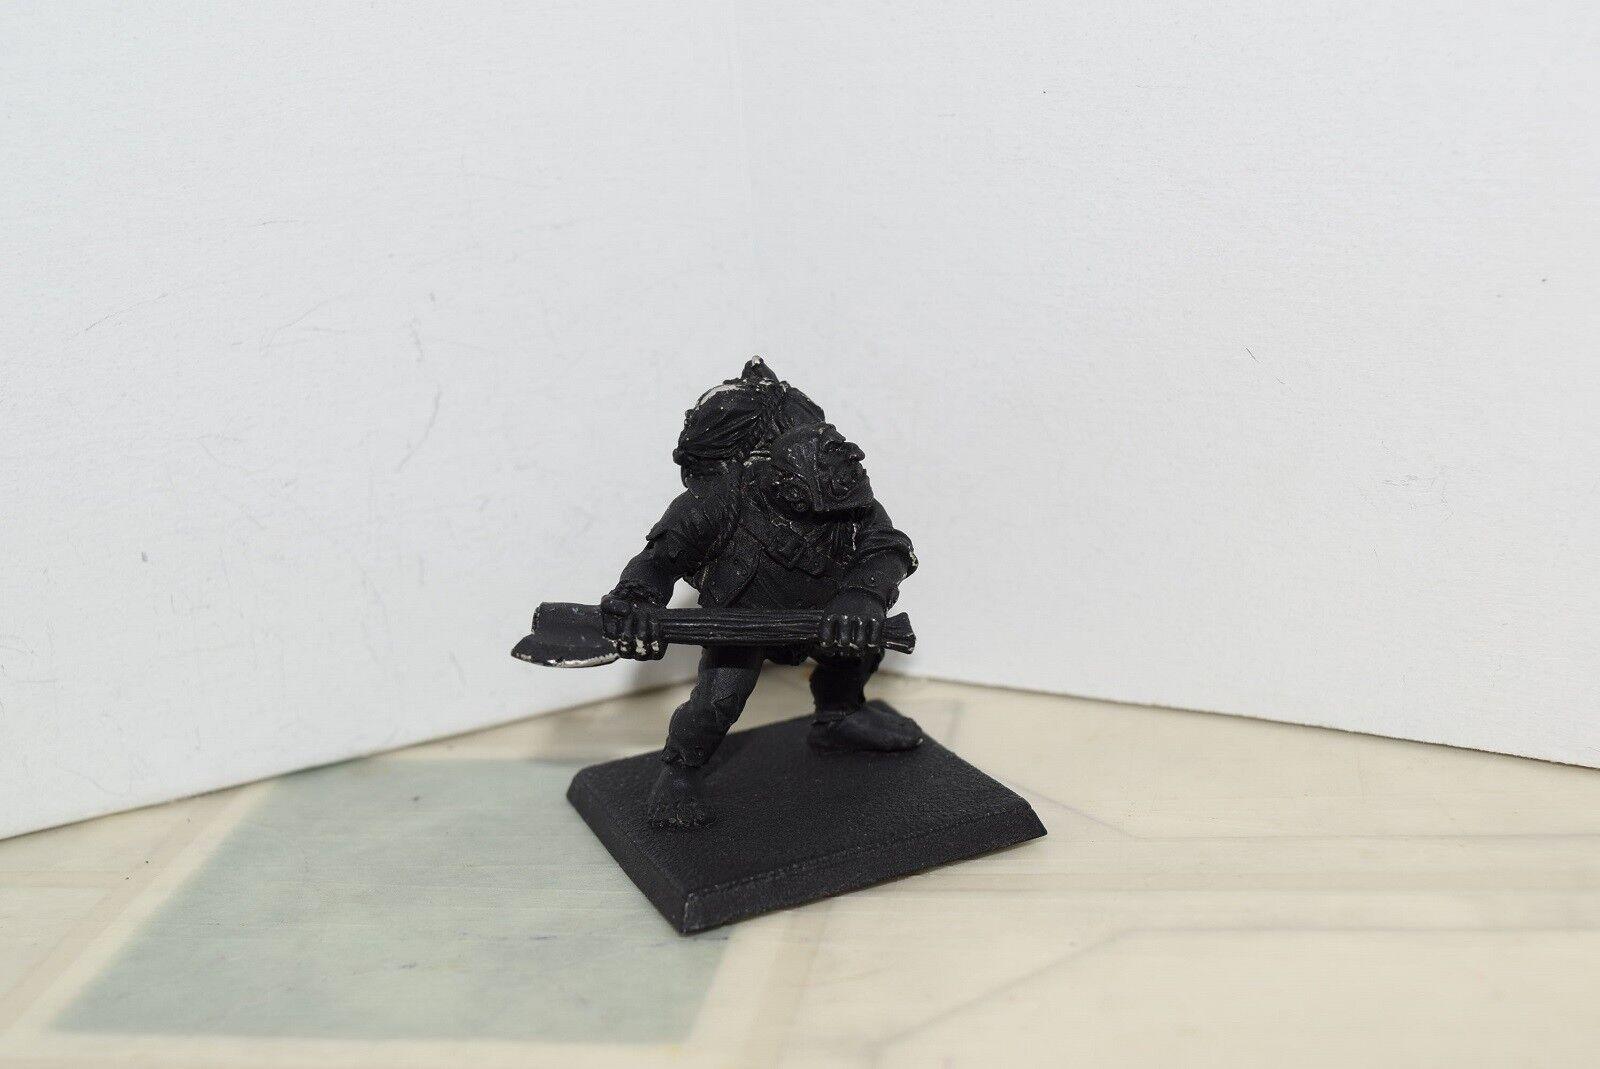 Warhammer Mordheim Mercenary Ogre Hired Hired Hired Sword (OOP) a6018f